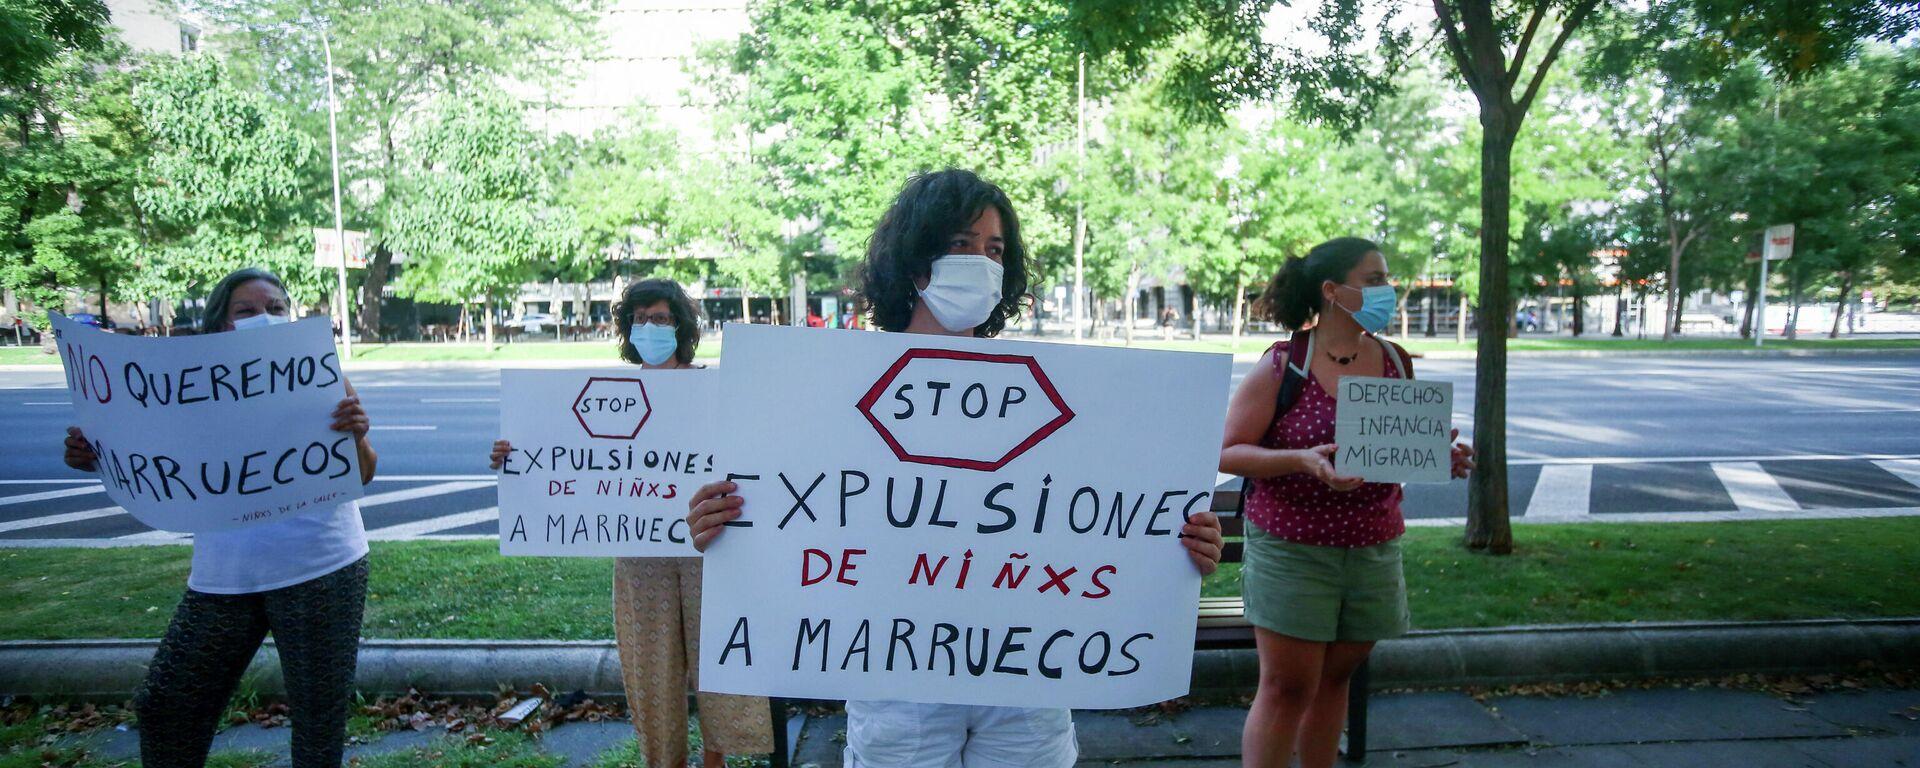 Participante lleva un cartel que dice 'Stop expulsiones de niñxs a Marruecos' durante una manifestación contra la deportación de los menores migrantes marroquíes - Sputnik Mundo, 1920, 16.08.2021